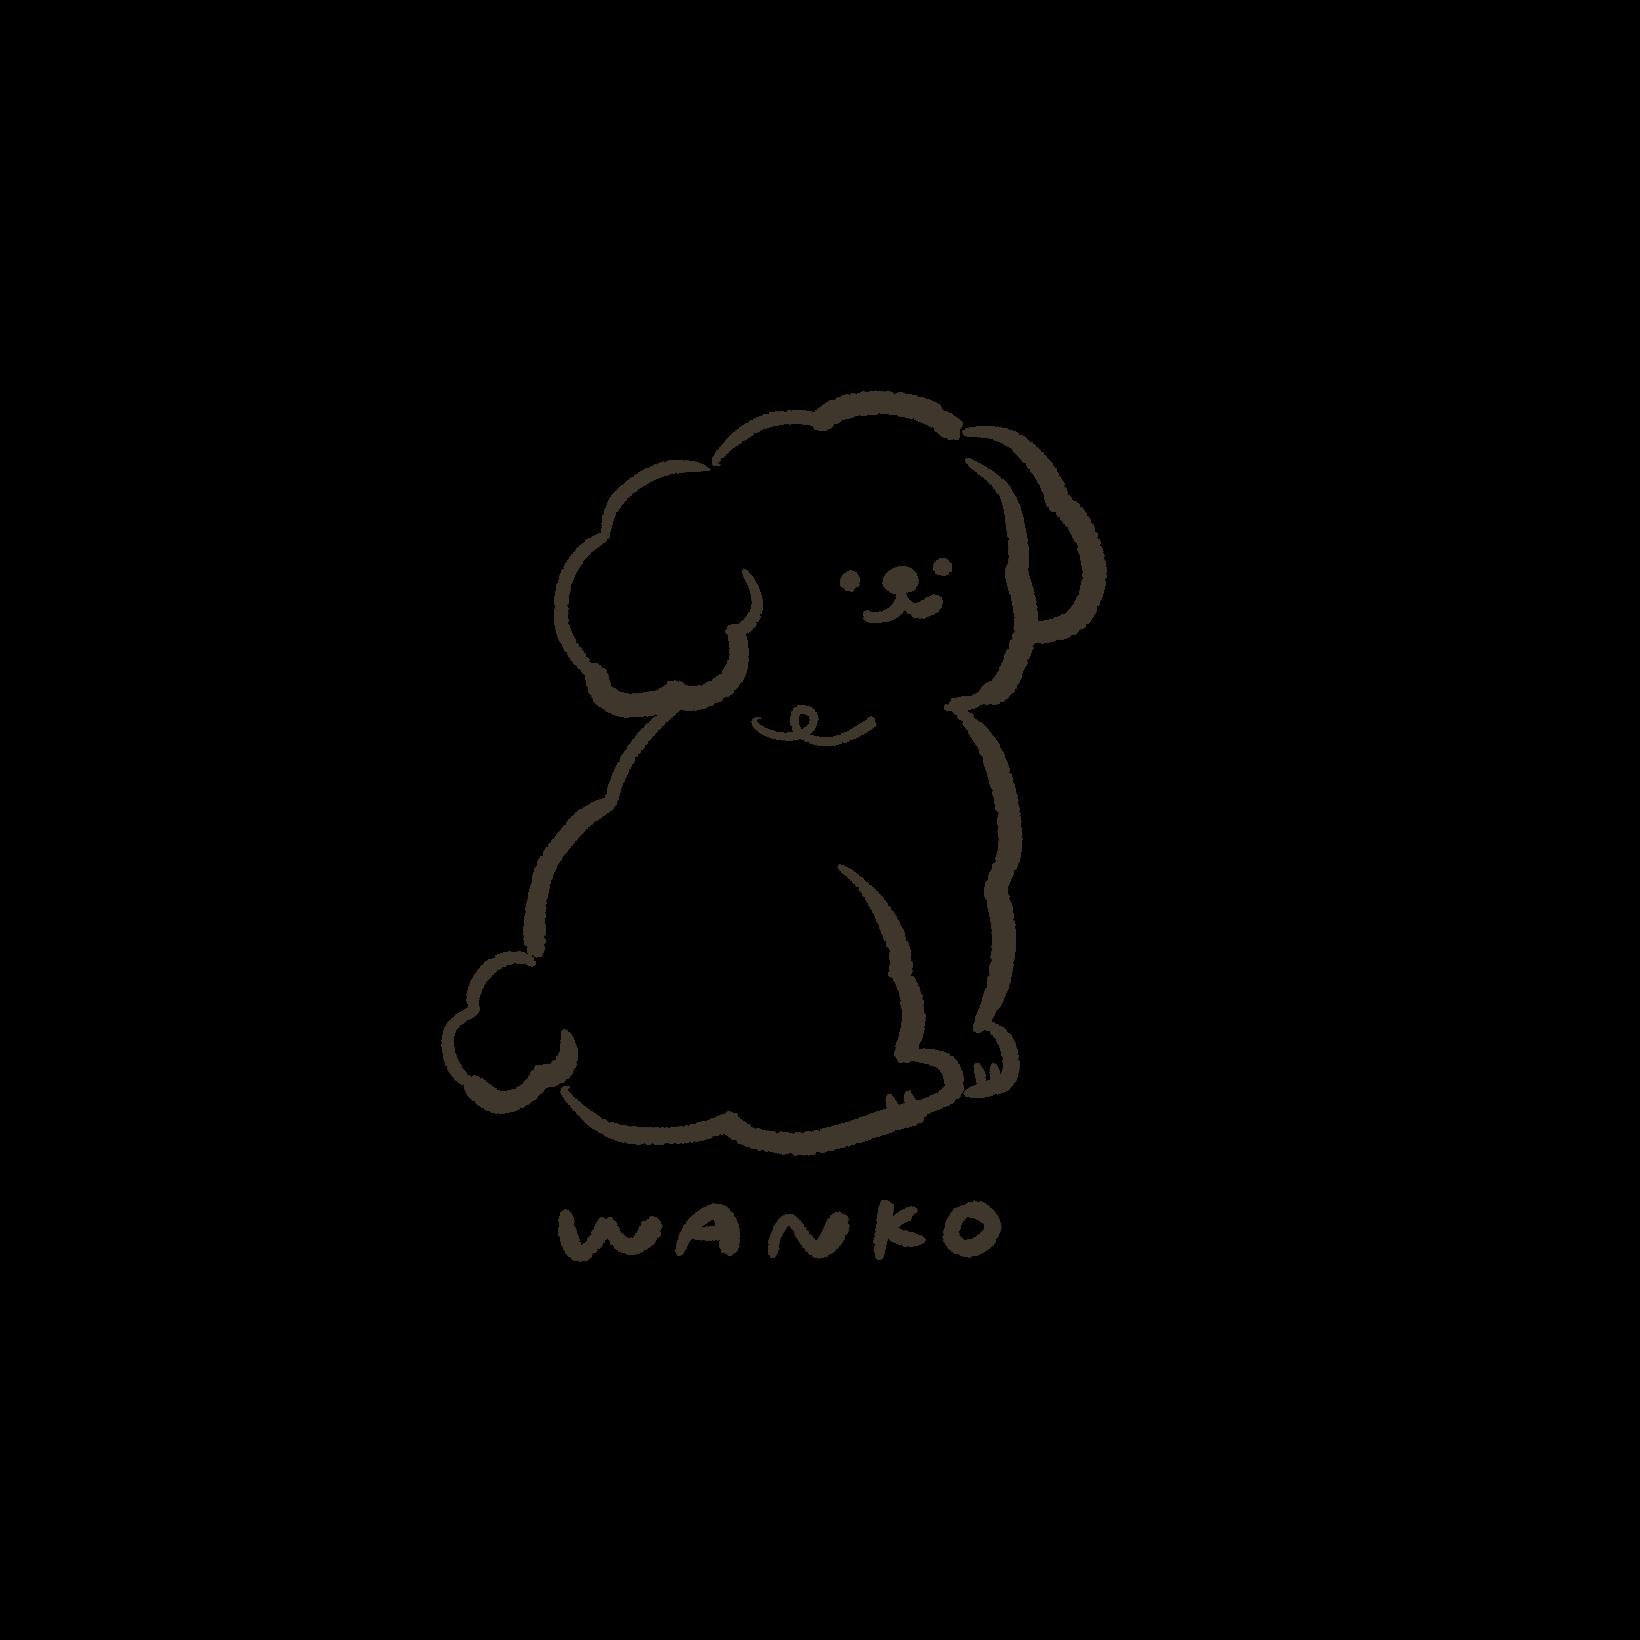 WANKO 定番Tシャツ